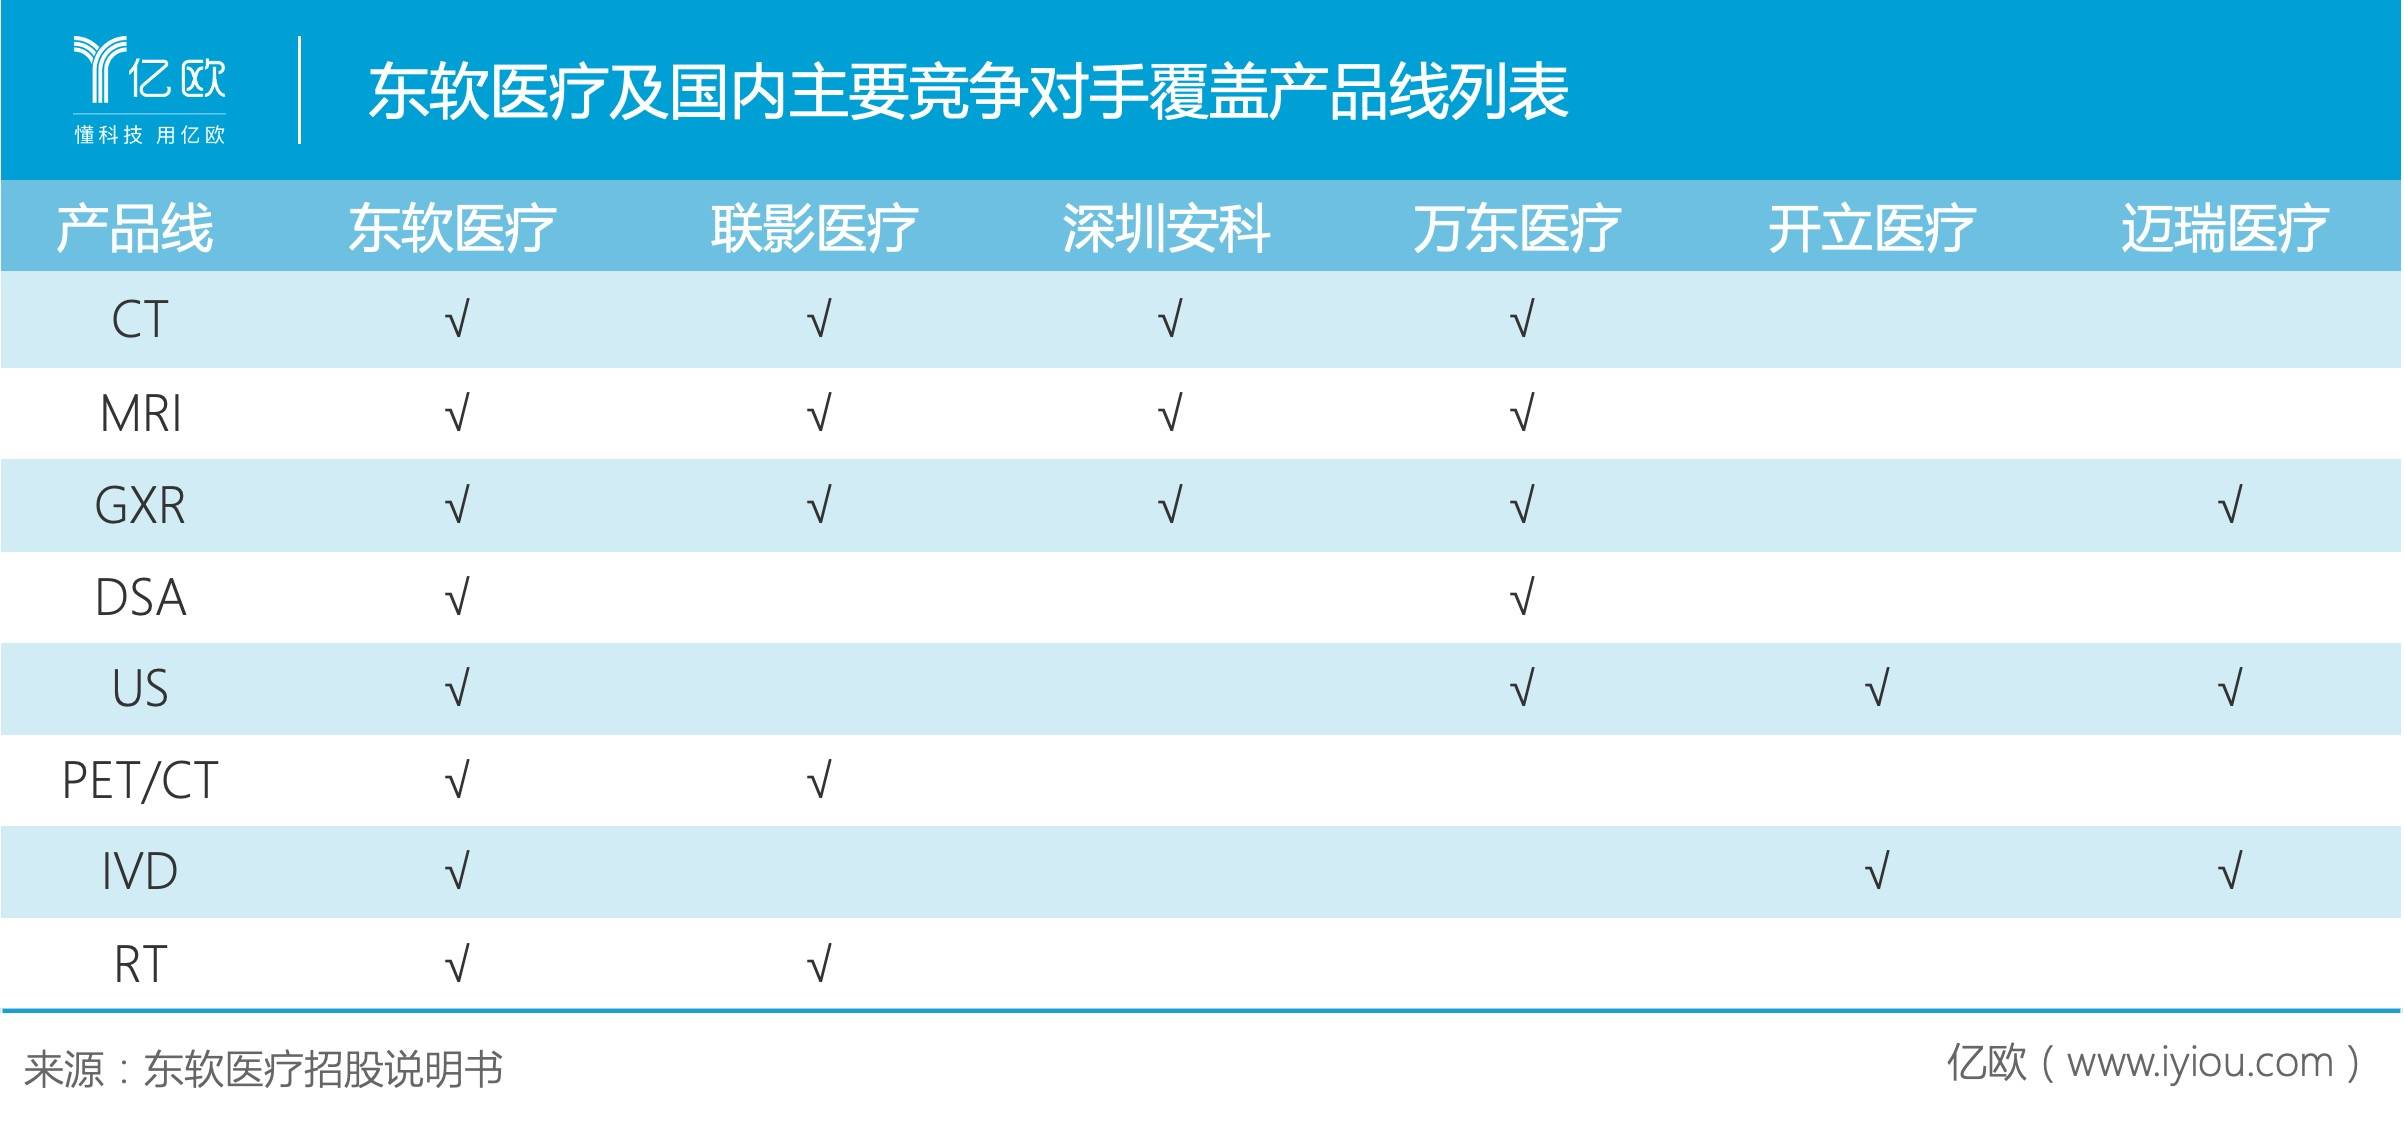 東軟醫療及國內主要競爭對手覆蓋產品線列表